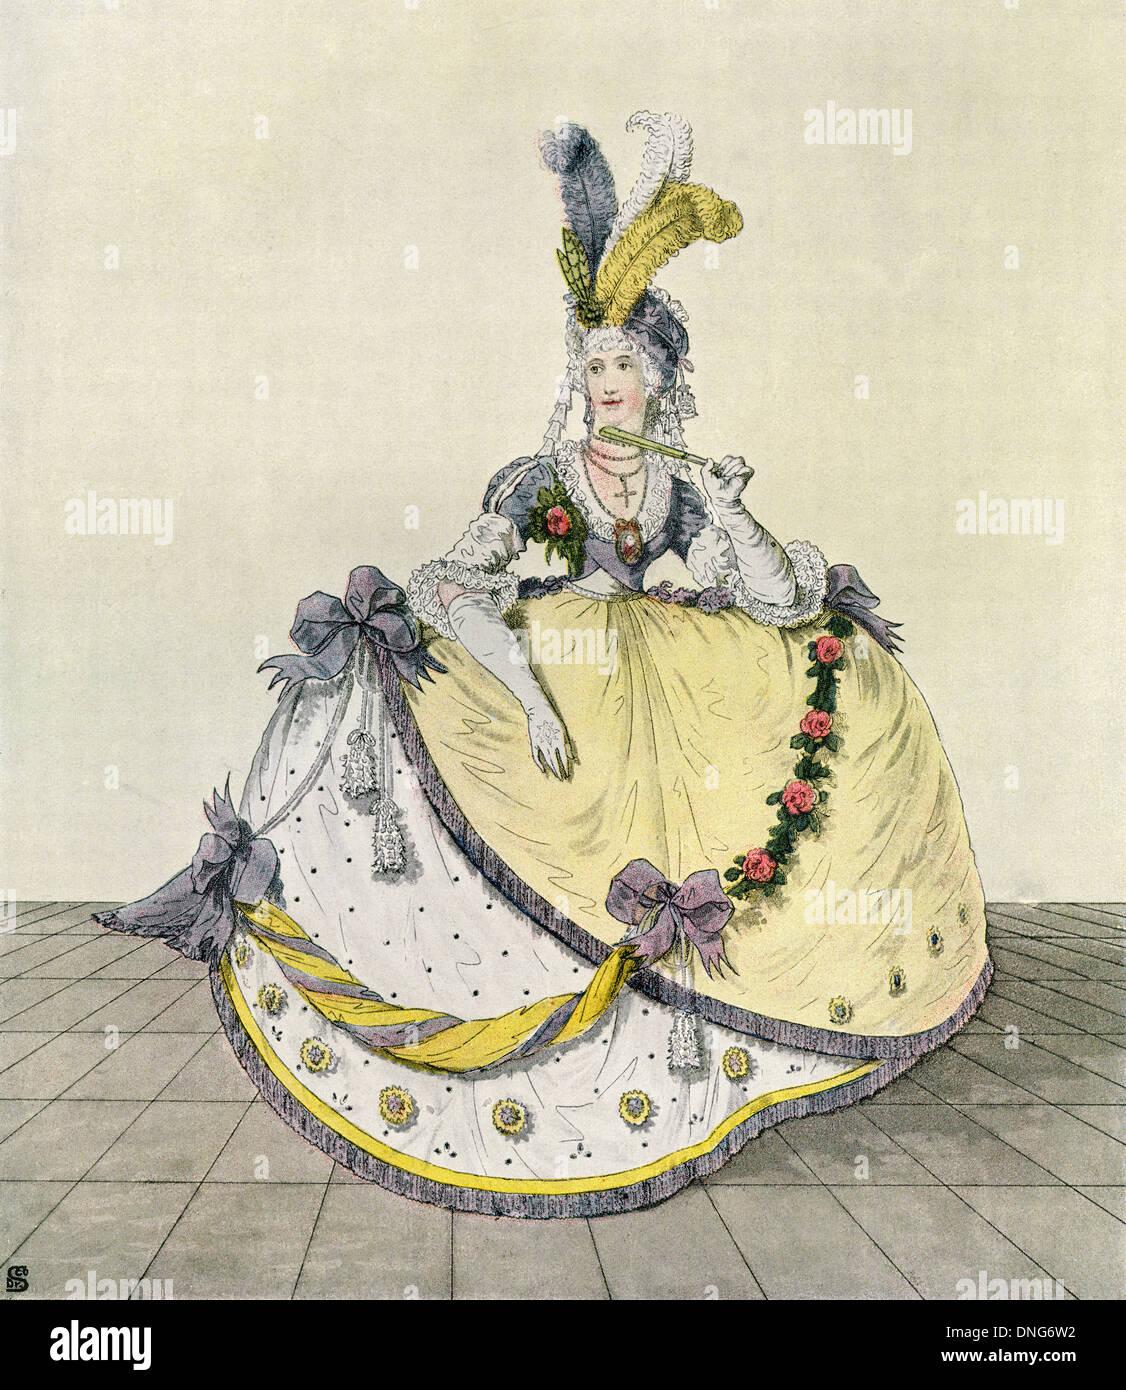 Signora in una palla abito presso la corte inglese, 1800. Immagini Stock